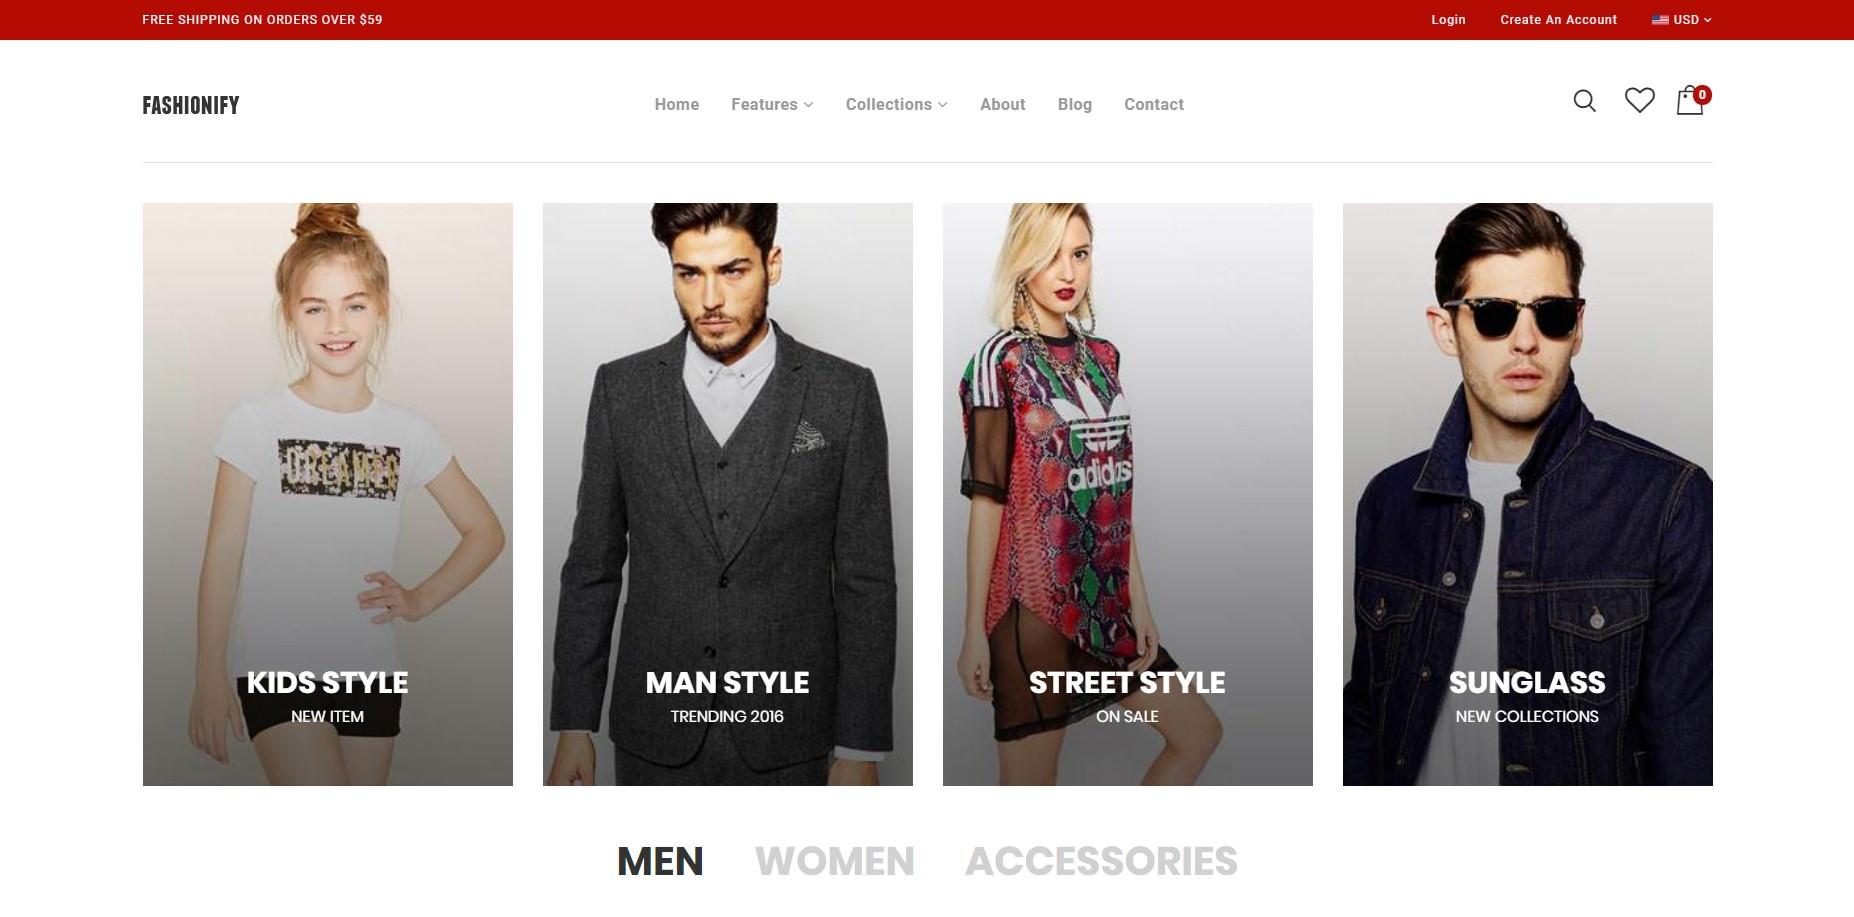 Fashionify theme